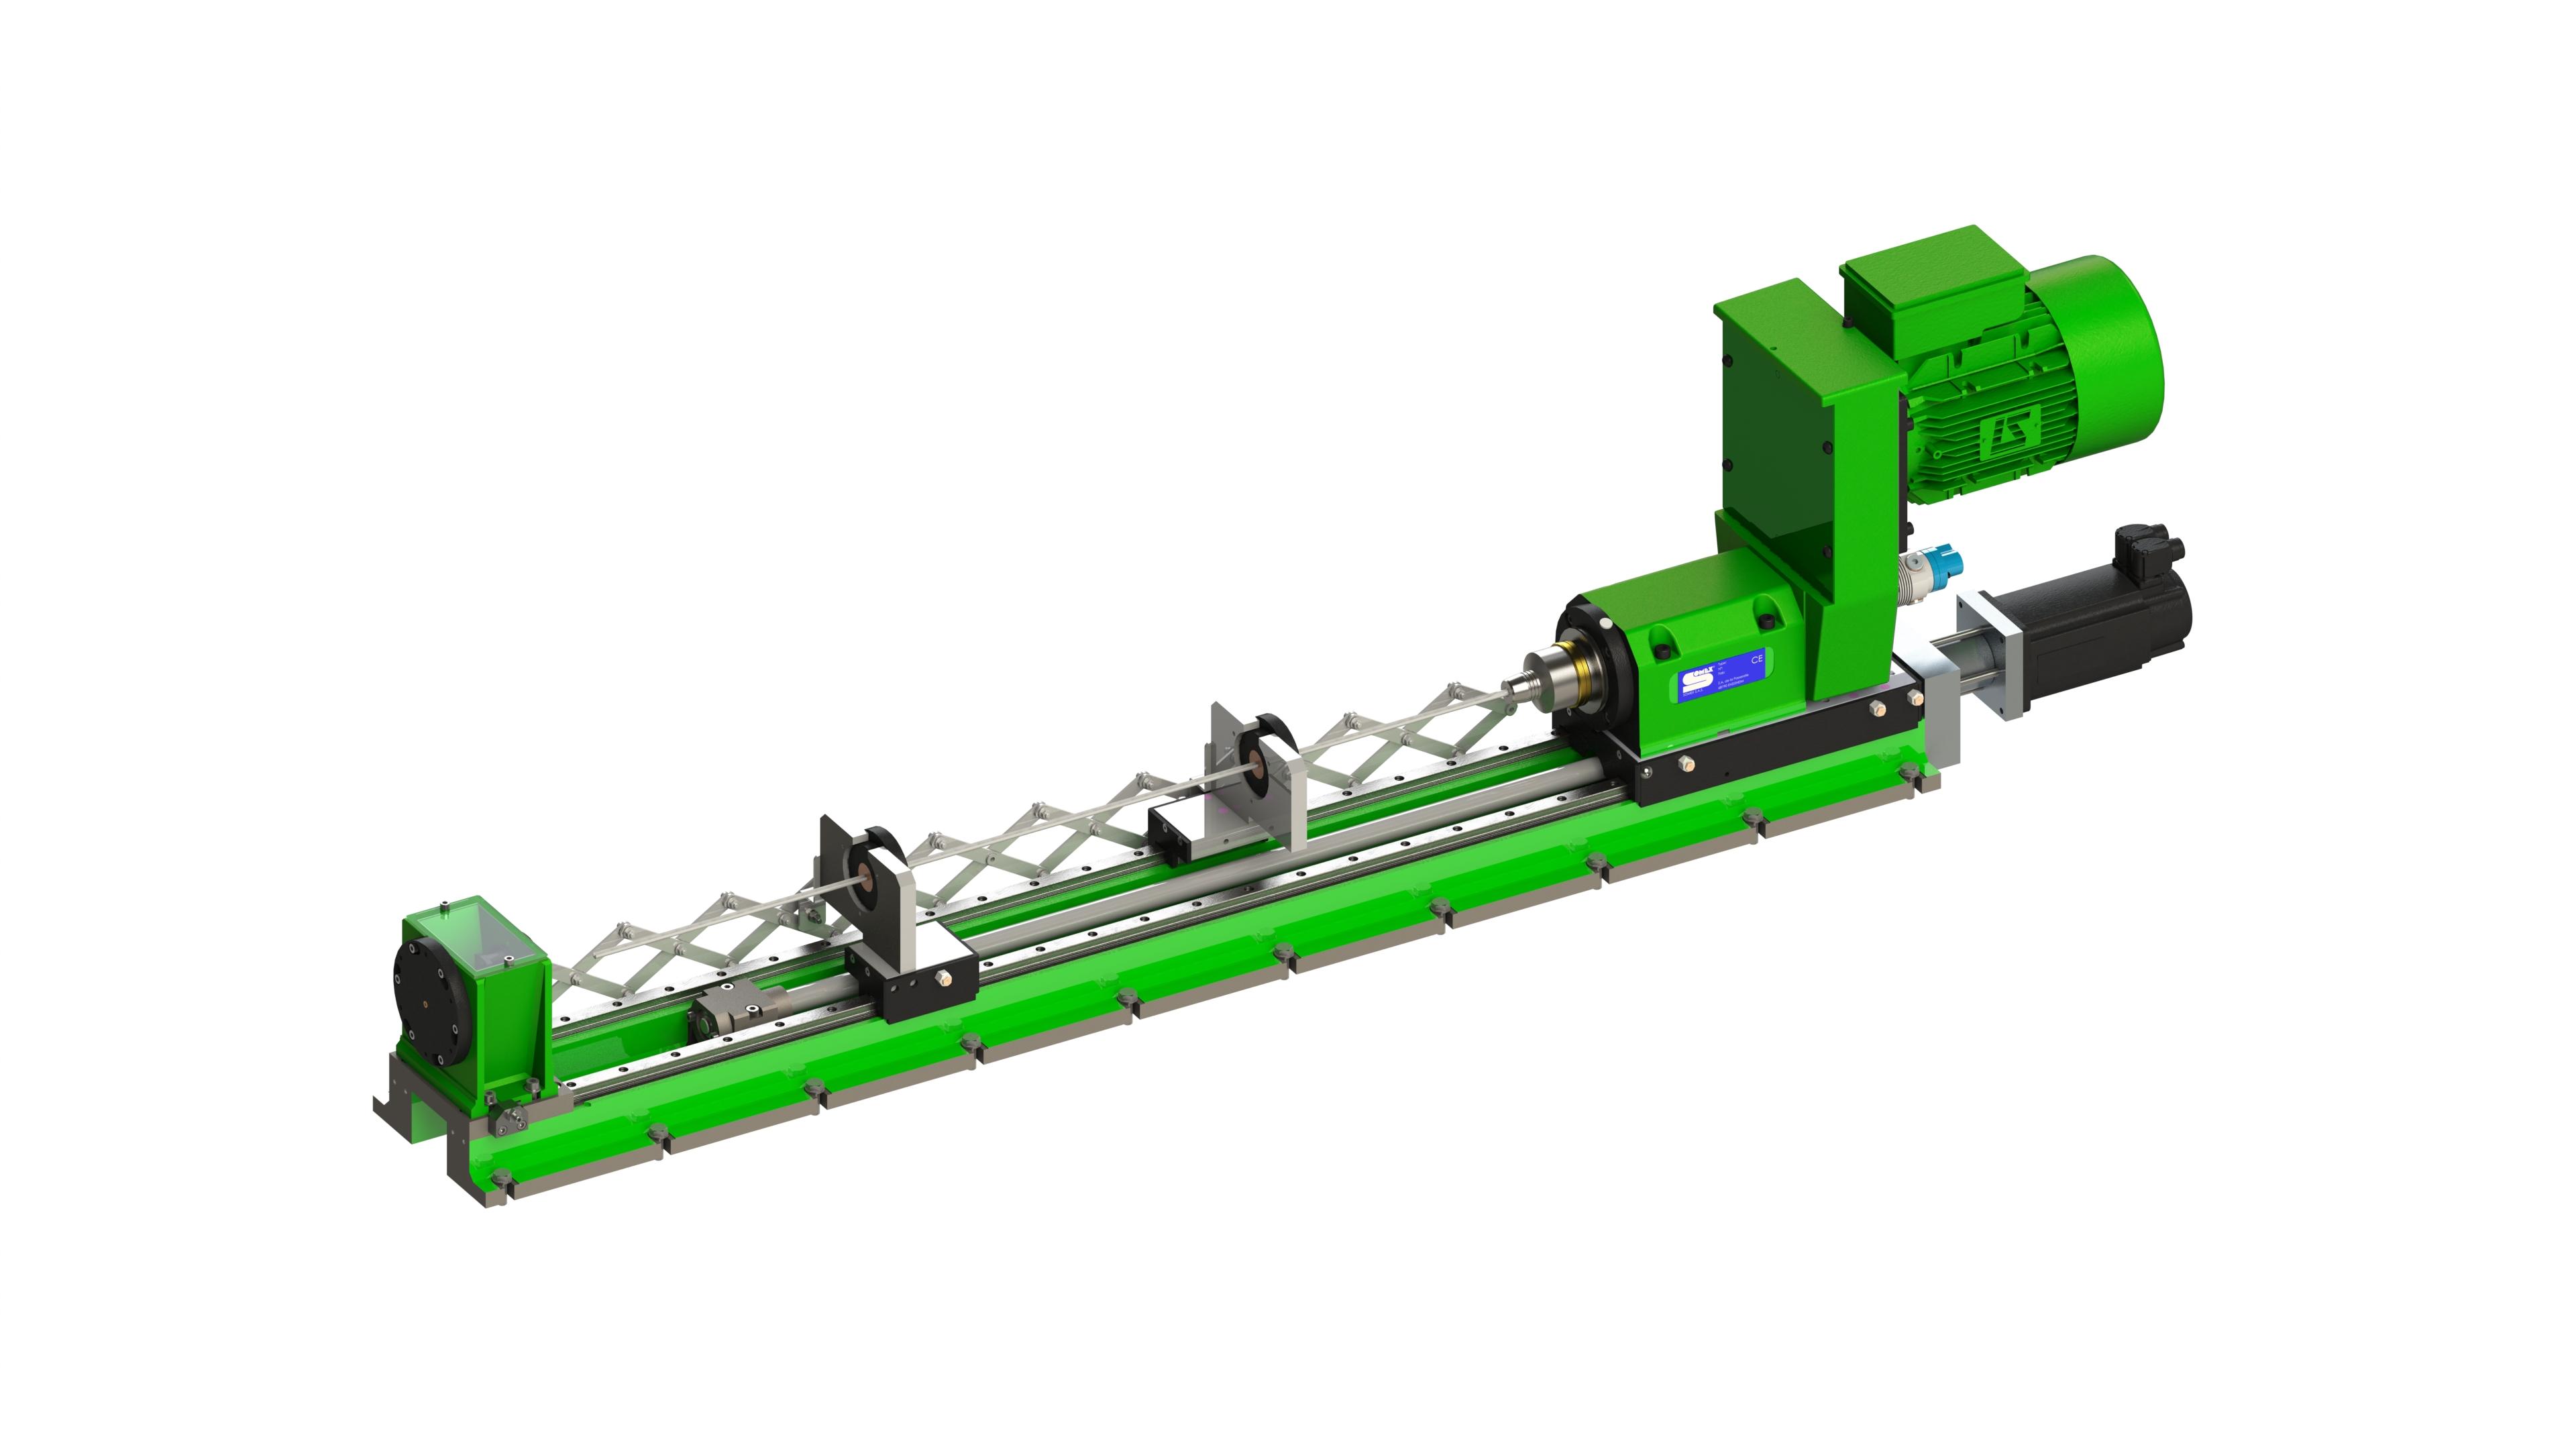 Unité de perçage profond Capacité de Ø7 à Ø12 mm dans acier 600N/mm² Profondeur de perçage ≤ 80xD, 8...